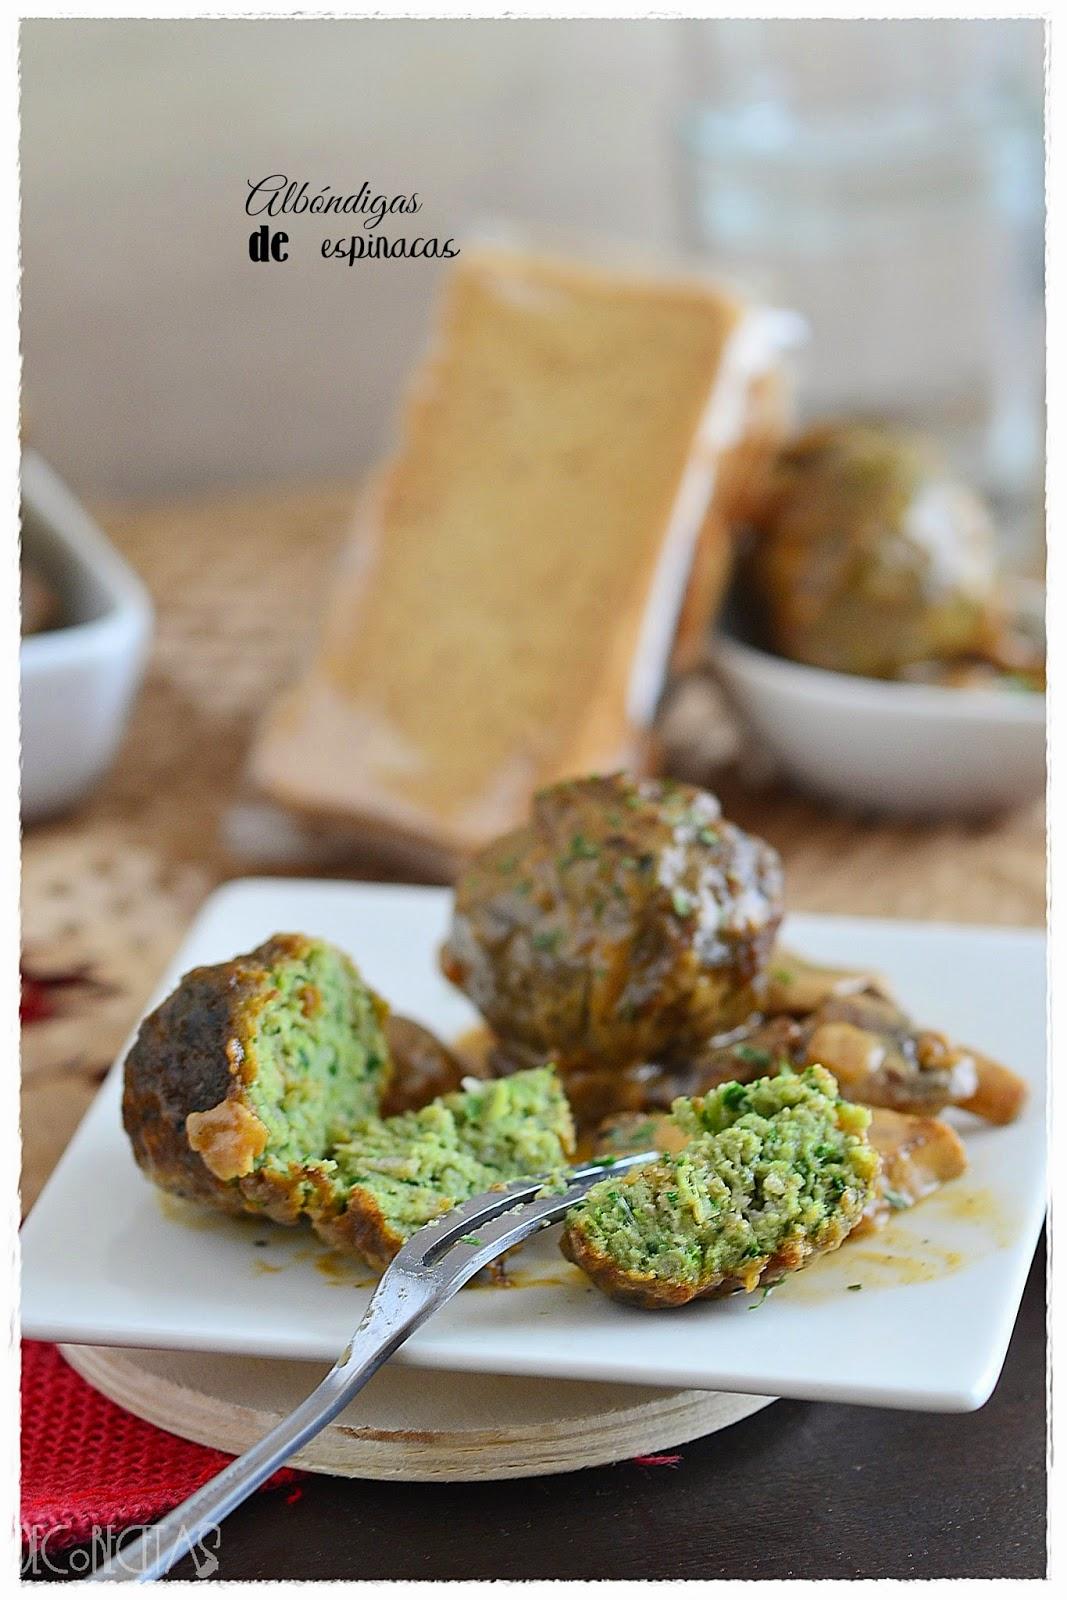 Albóndigas de espinacas con queso azul y salsa de champiñones